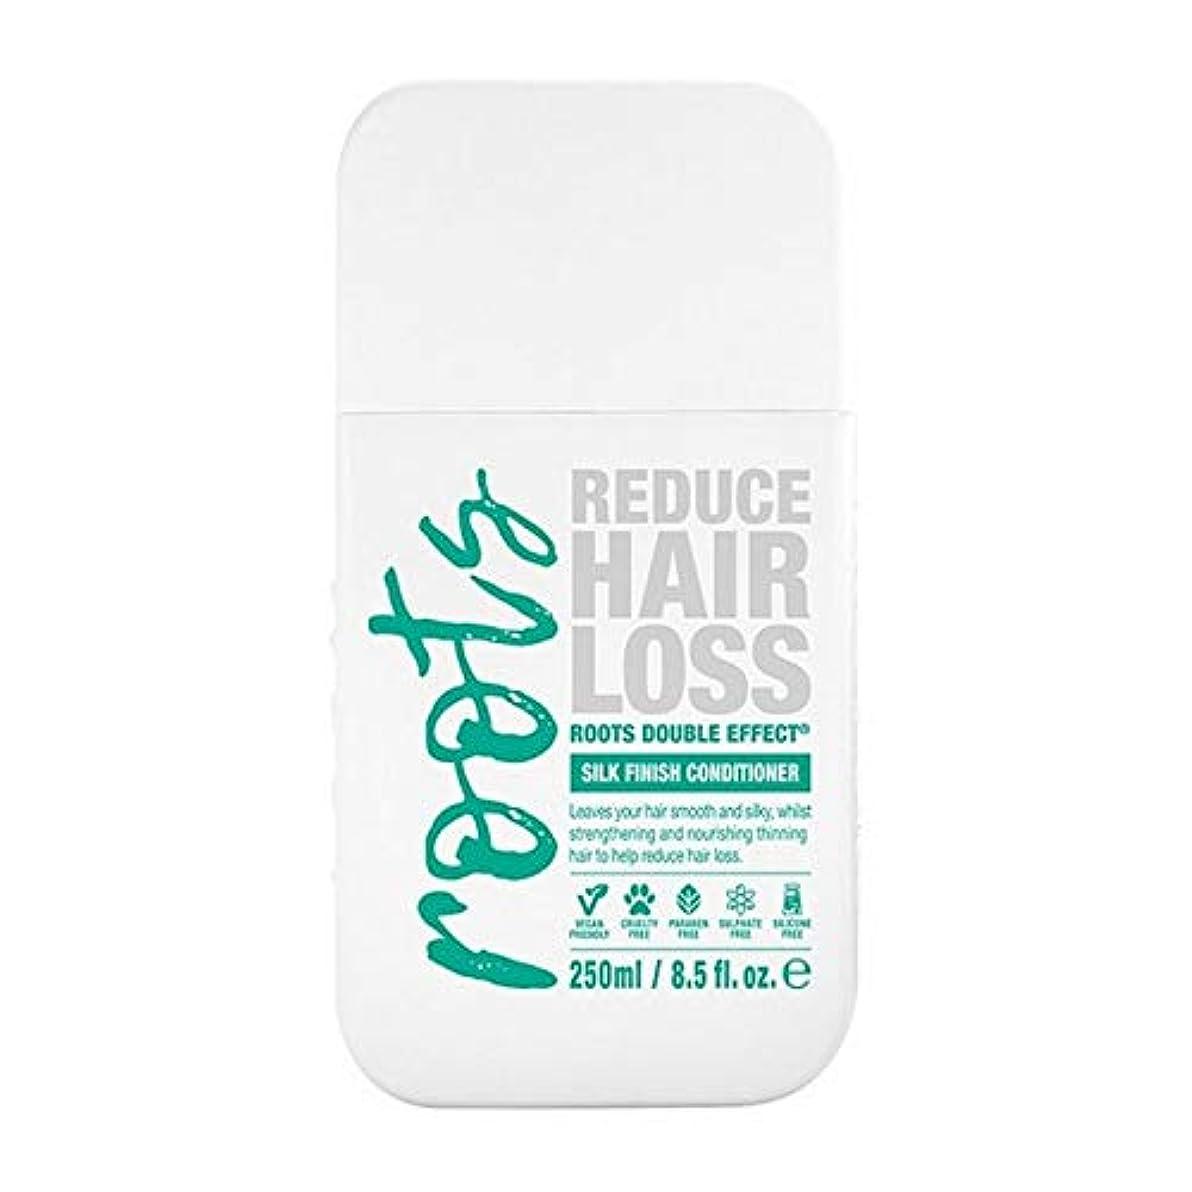 急いで匿名ジレンマ[Roots ] 根のダブル効果育毛シャンプー250Ml - Roots Double Effect Hair Growth Conditioner 250ml [並行輸入品]